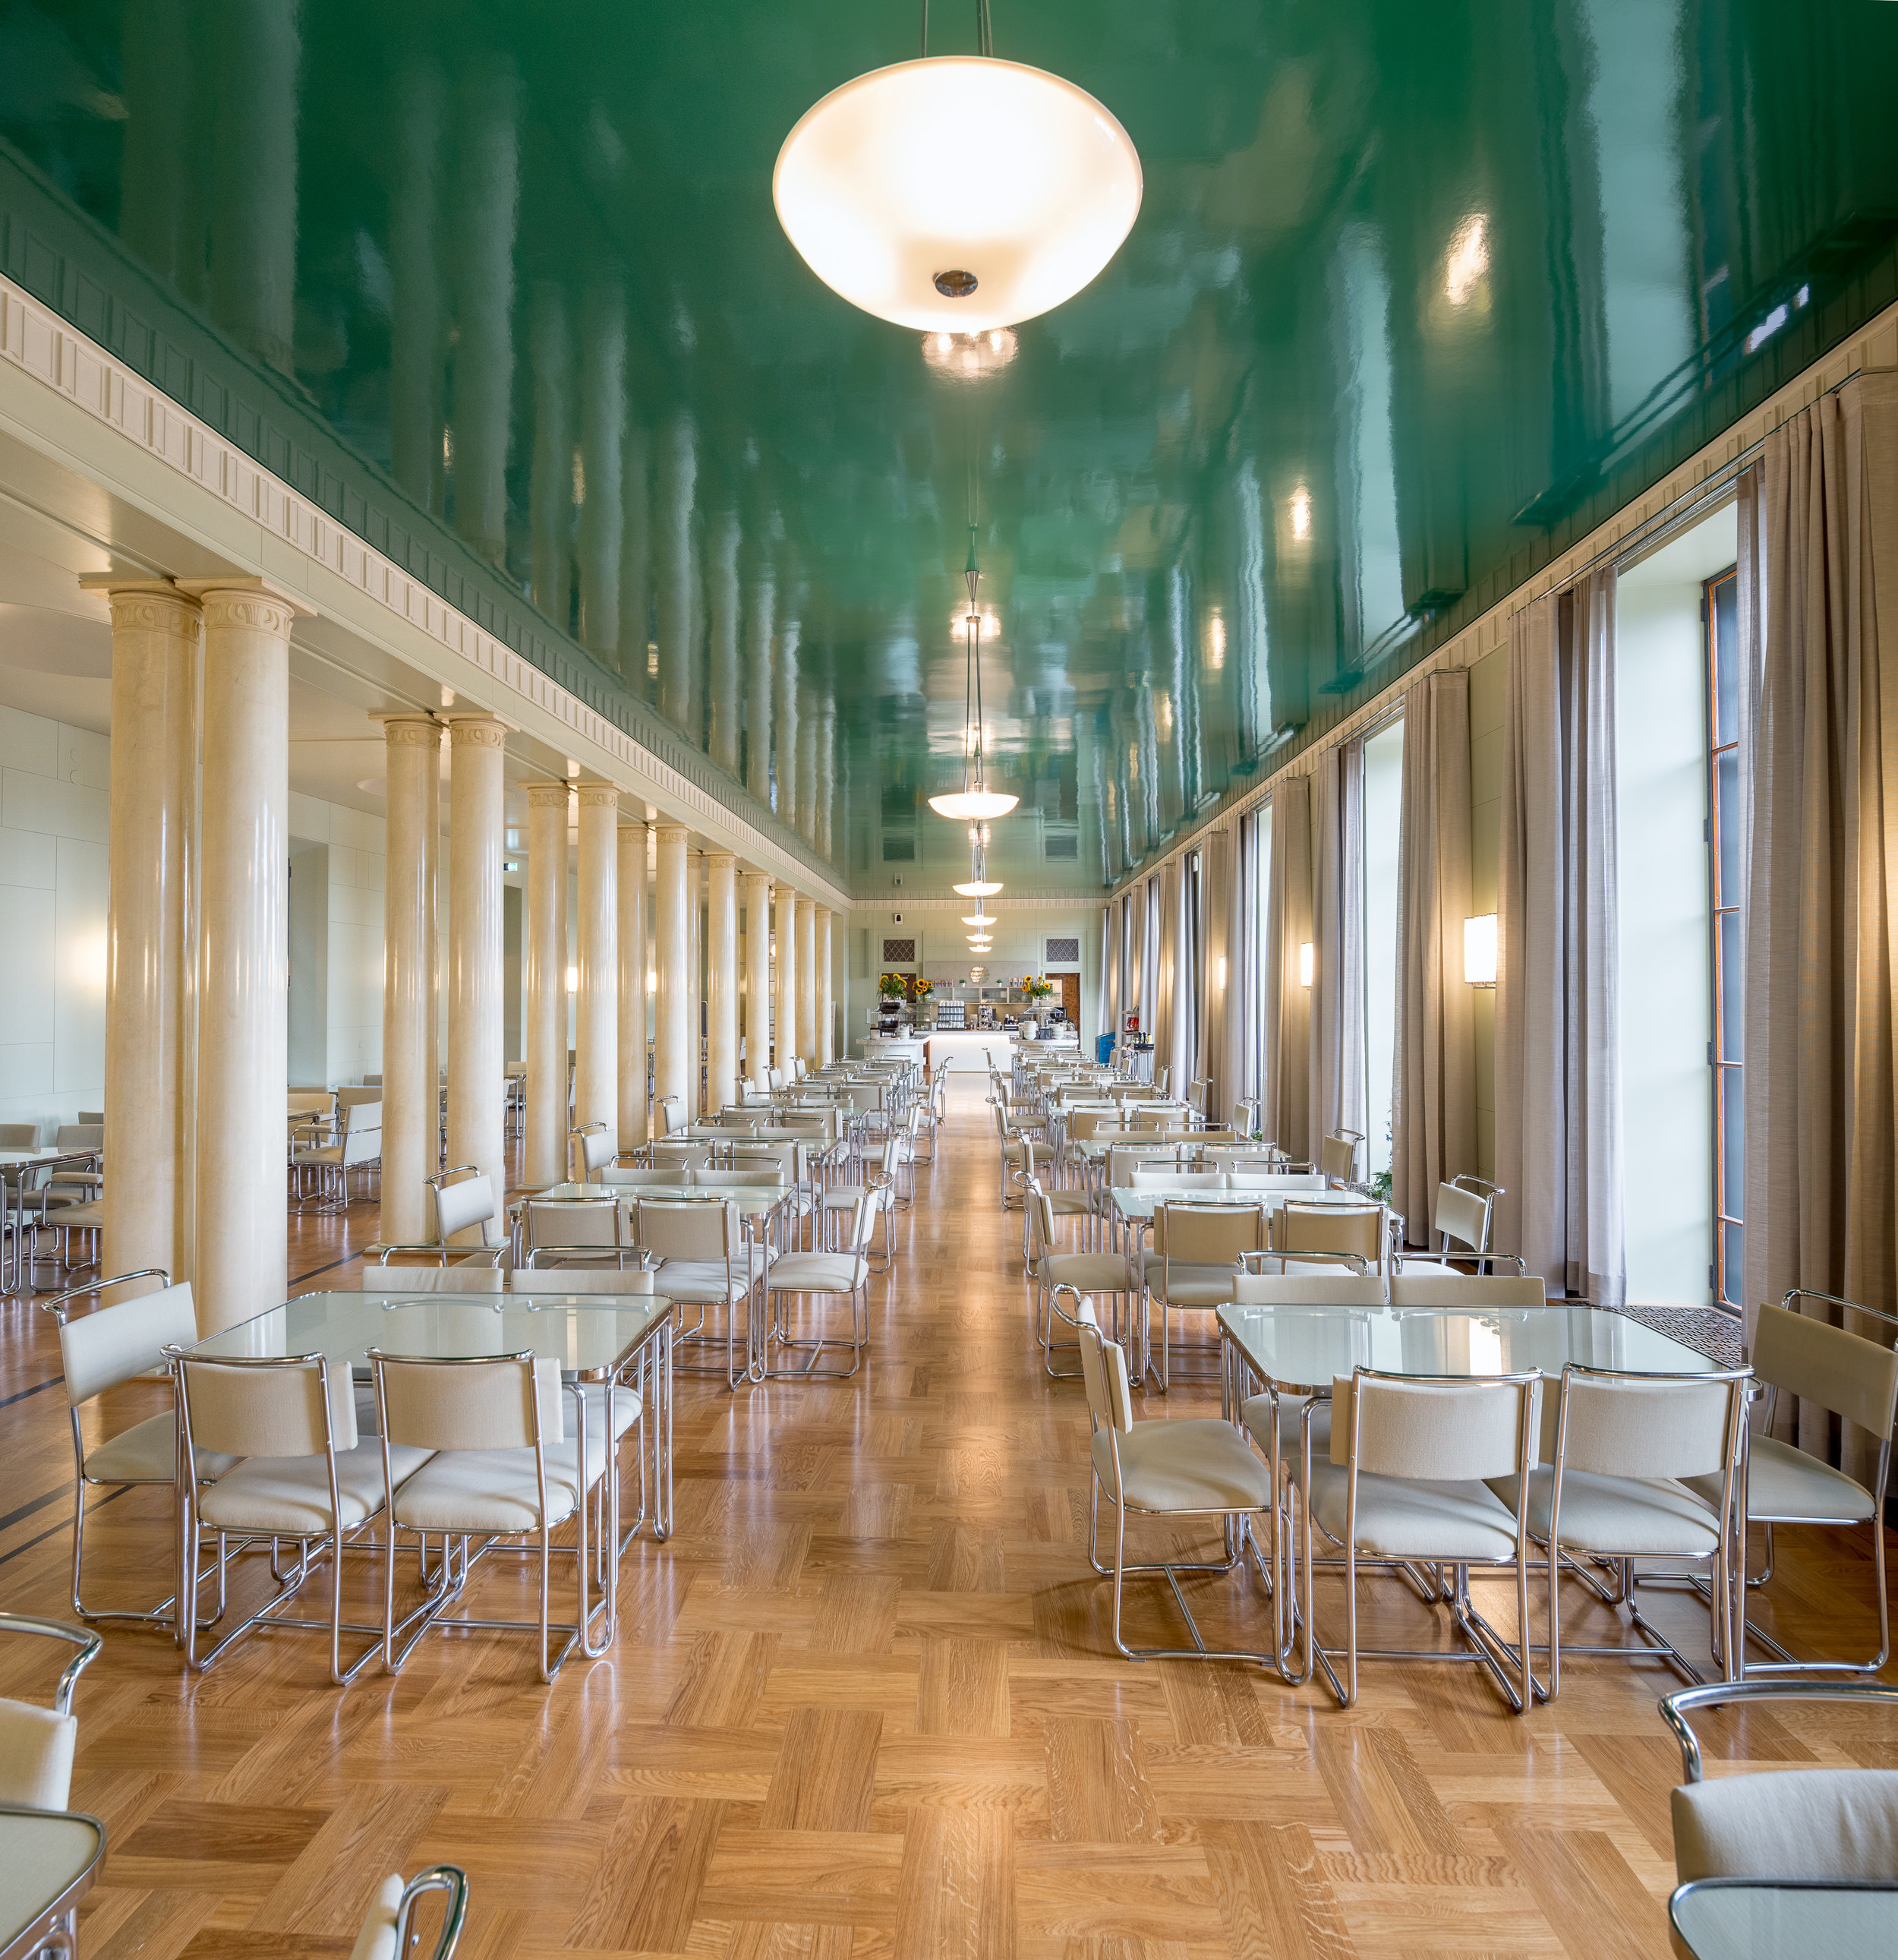 Parliament Building Cafeteria